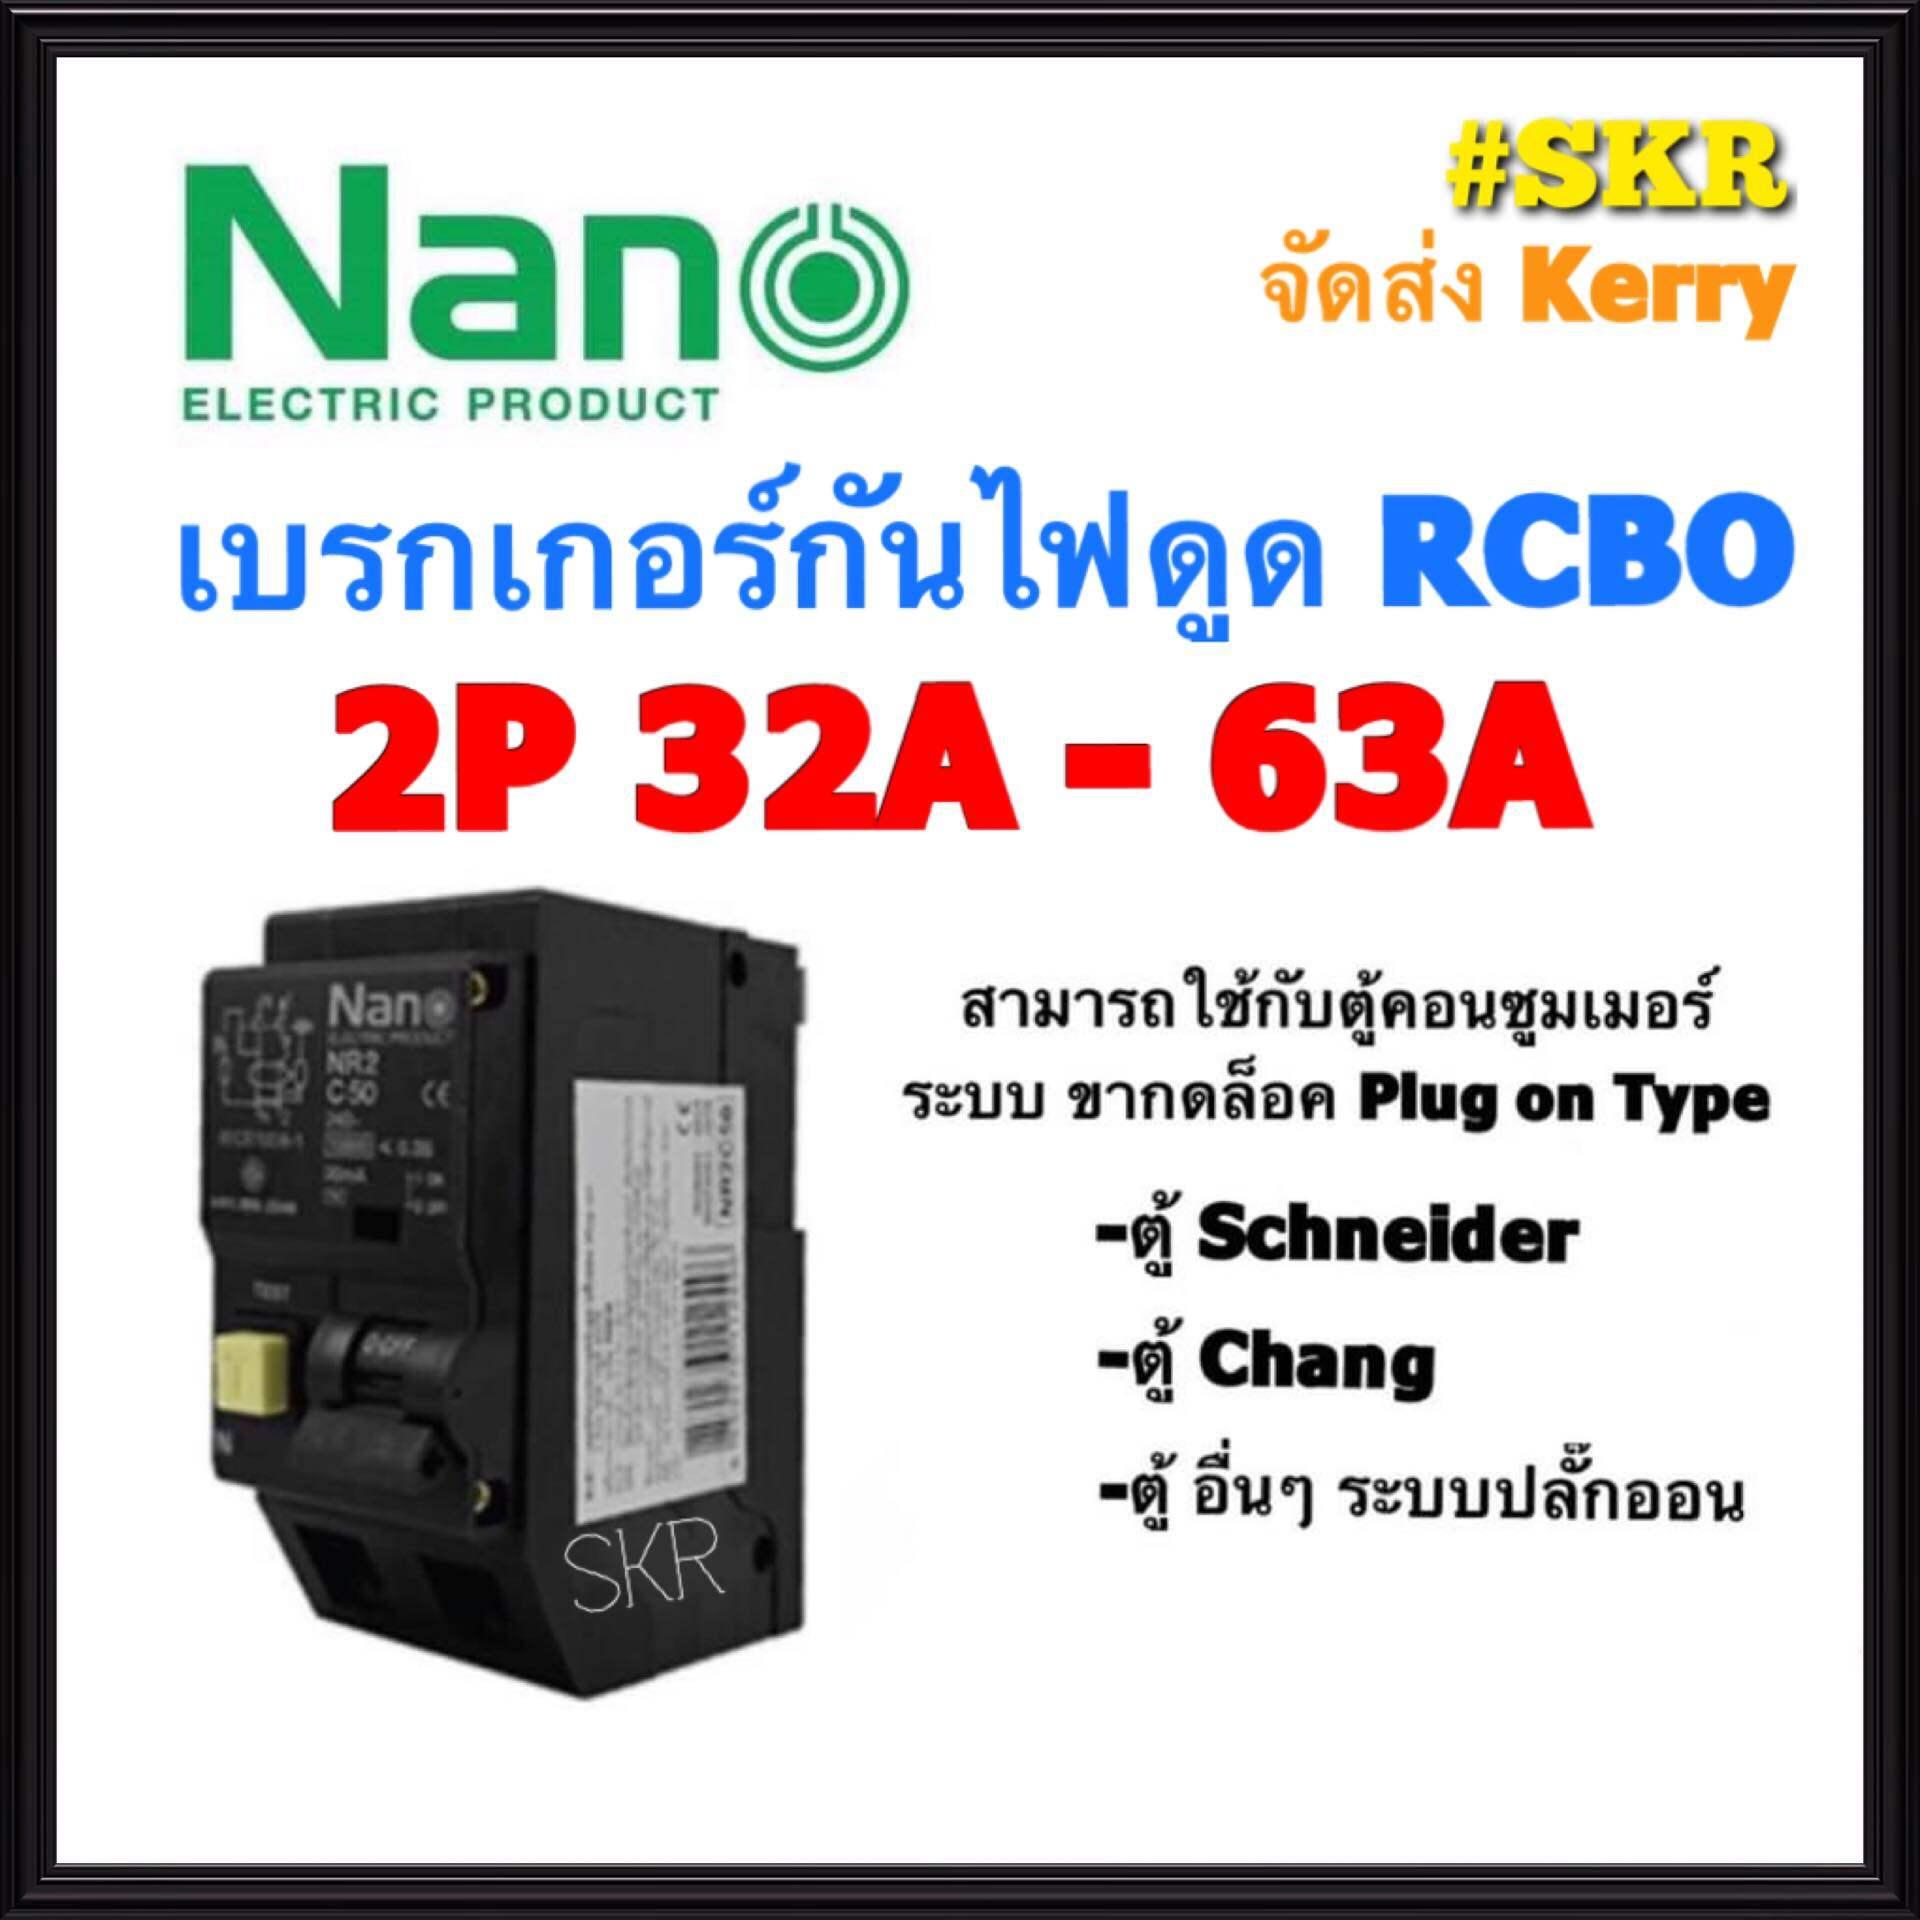 เบรกเกอร์กันไฟดูด 2P 32A RCBO 30mA ขนาด10kA 240-415V ป้องกันไฟรั่ว/ไฟดูด/ไฟกระแสเกิน ยี่ห้อ NANO (รุ่น Plug-on)